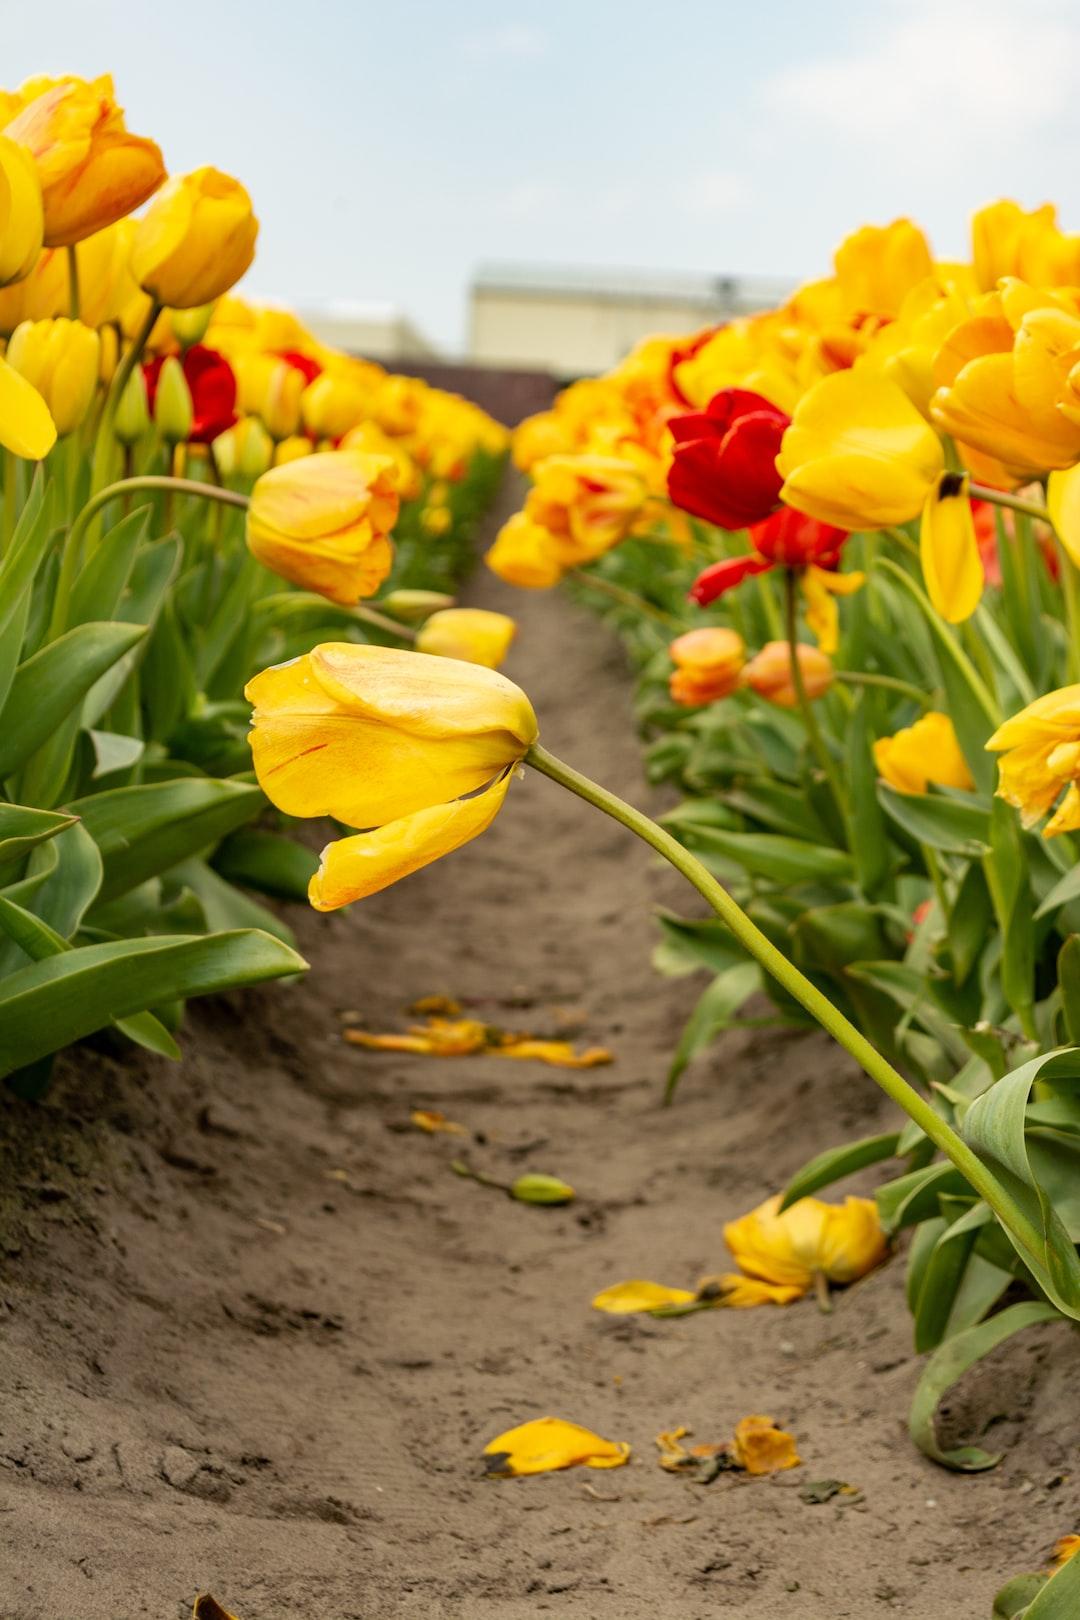 Tulips growing in a field.